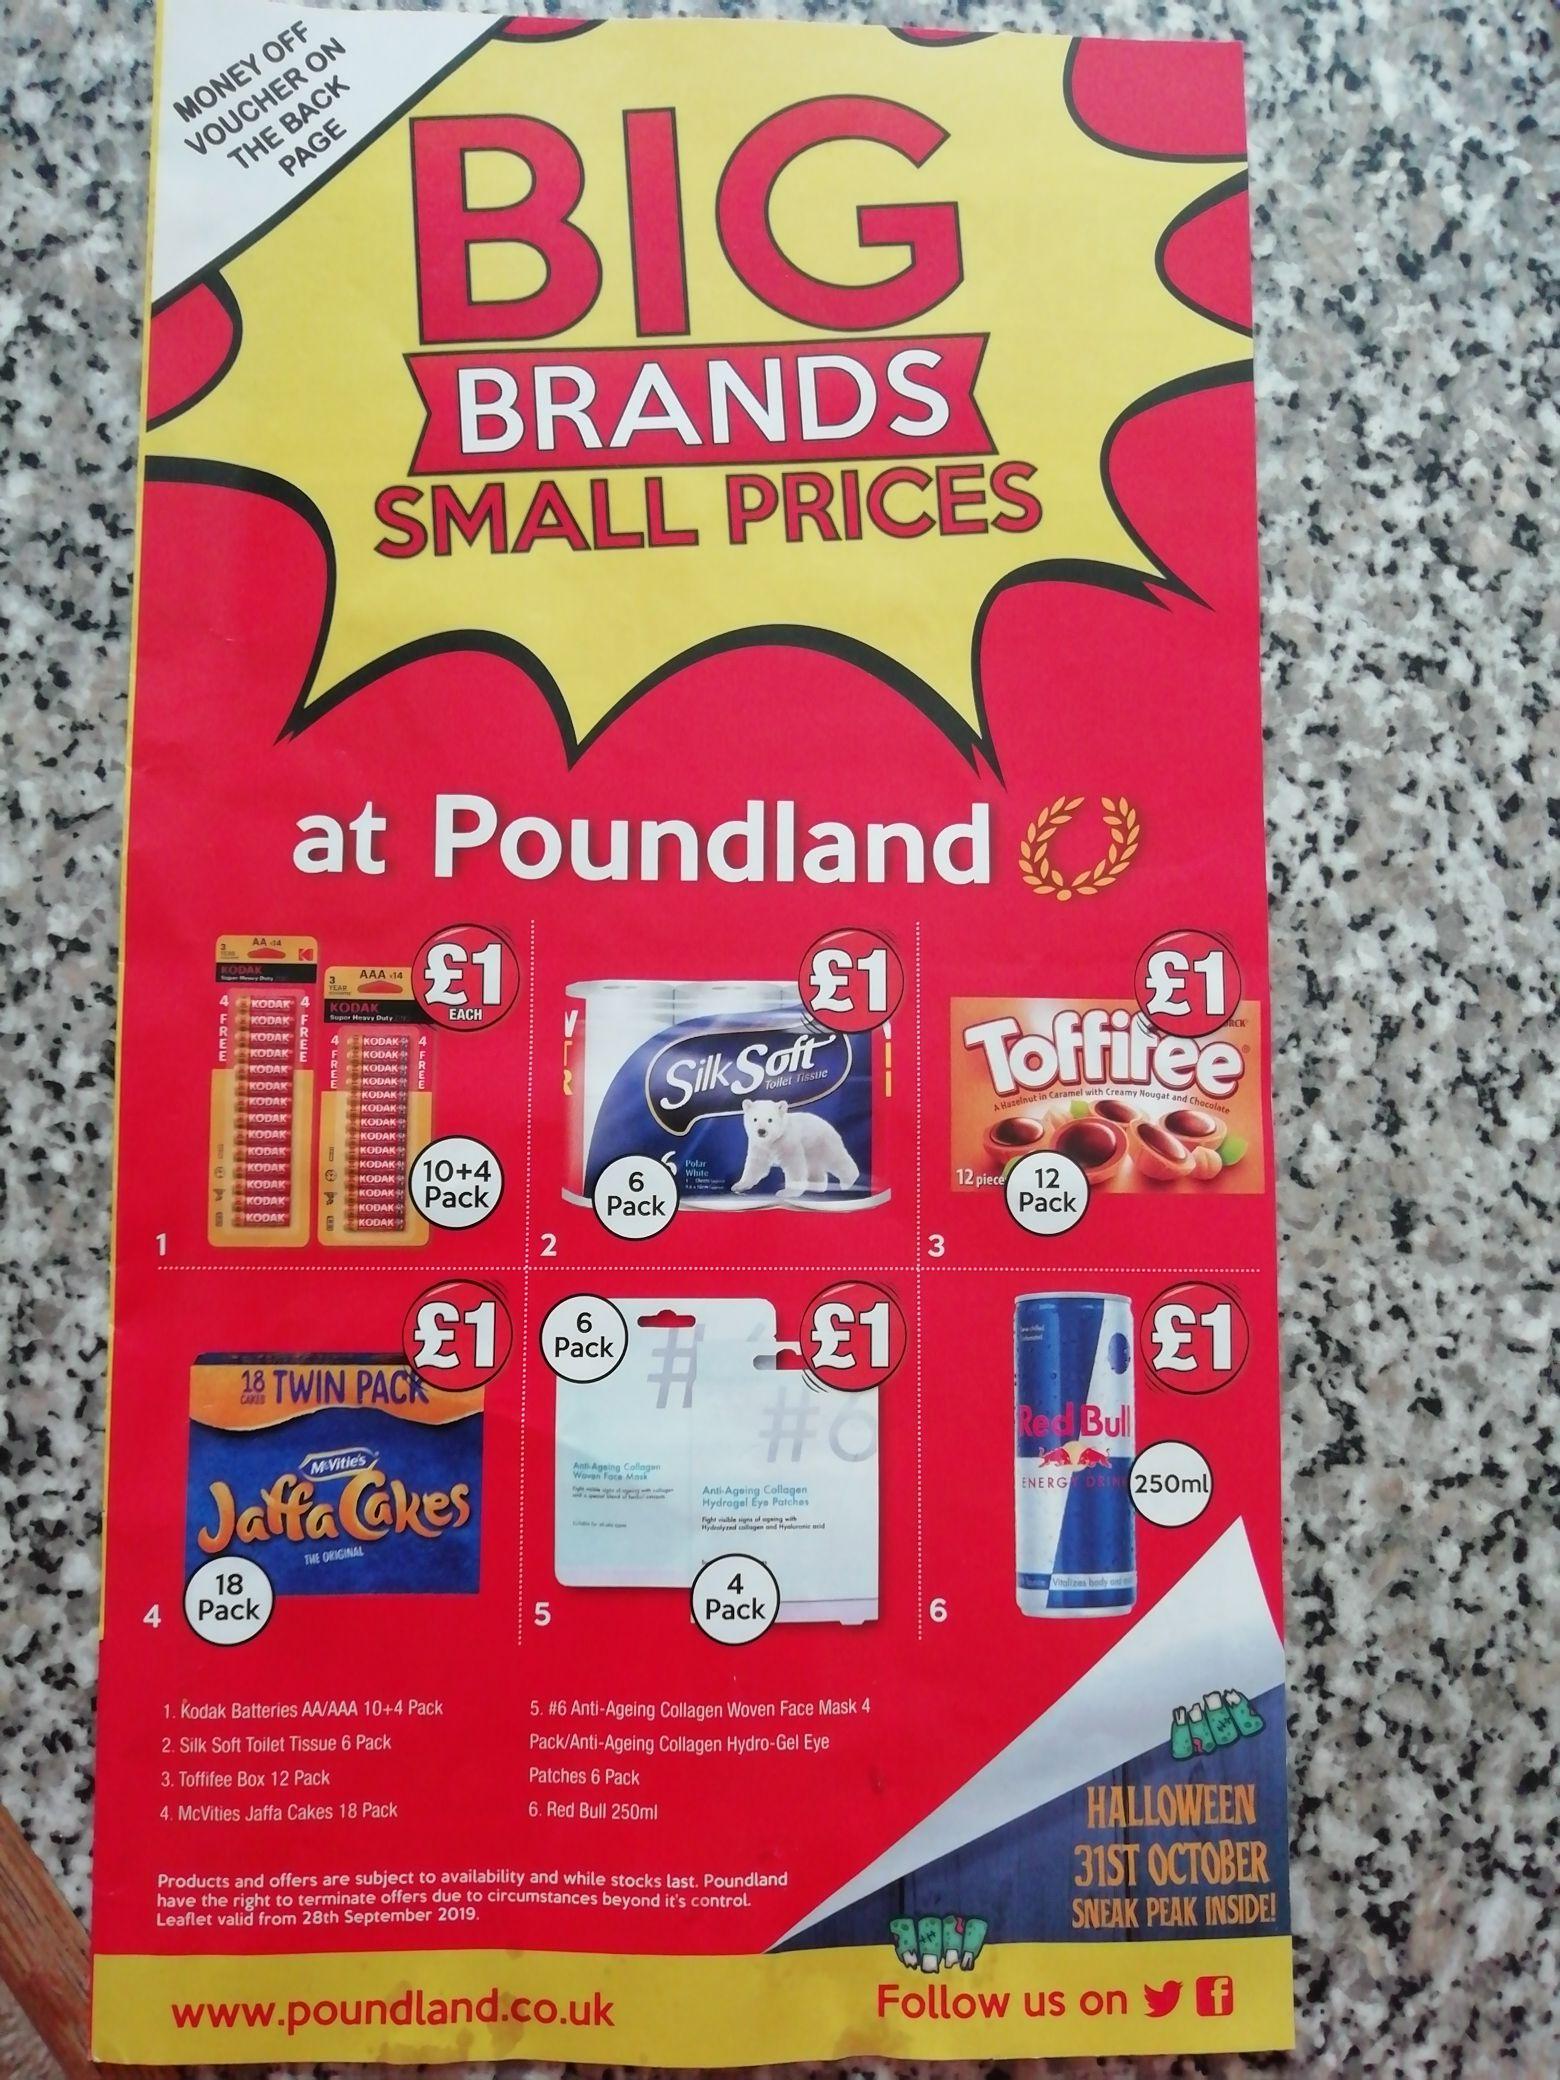 £2 off £12 Voucher in Poundland magazine